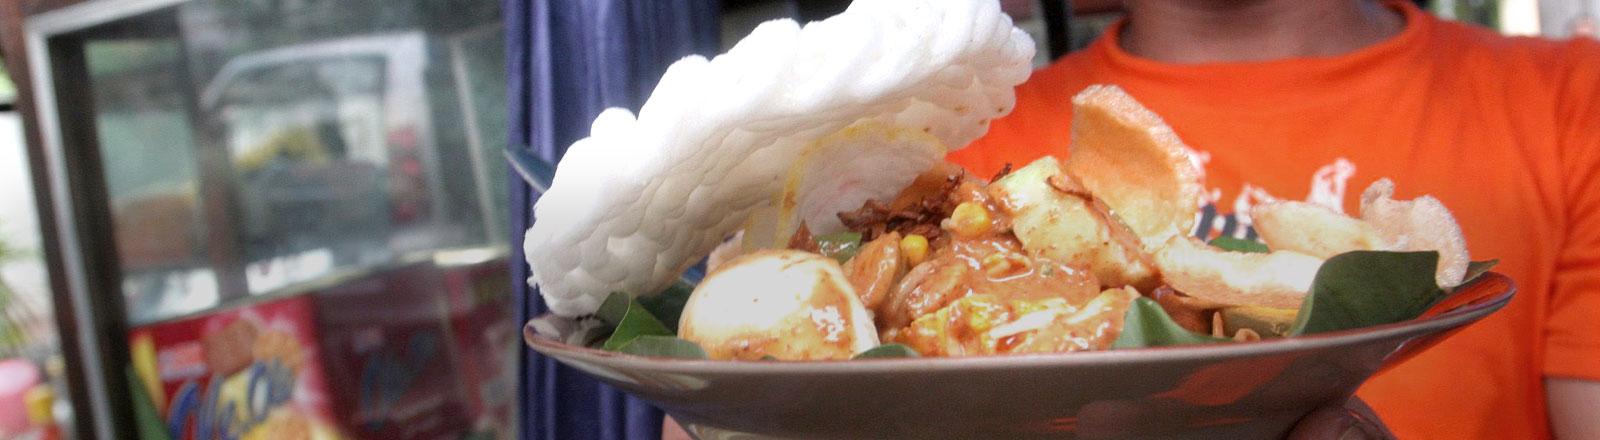 Gado-Gado, das indonesische Nationalgericht, rein vegetarisch.